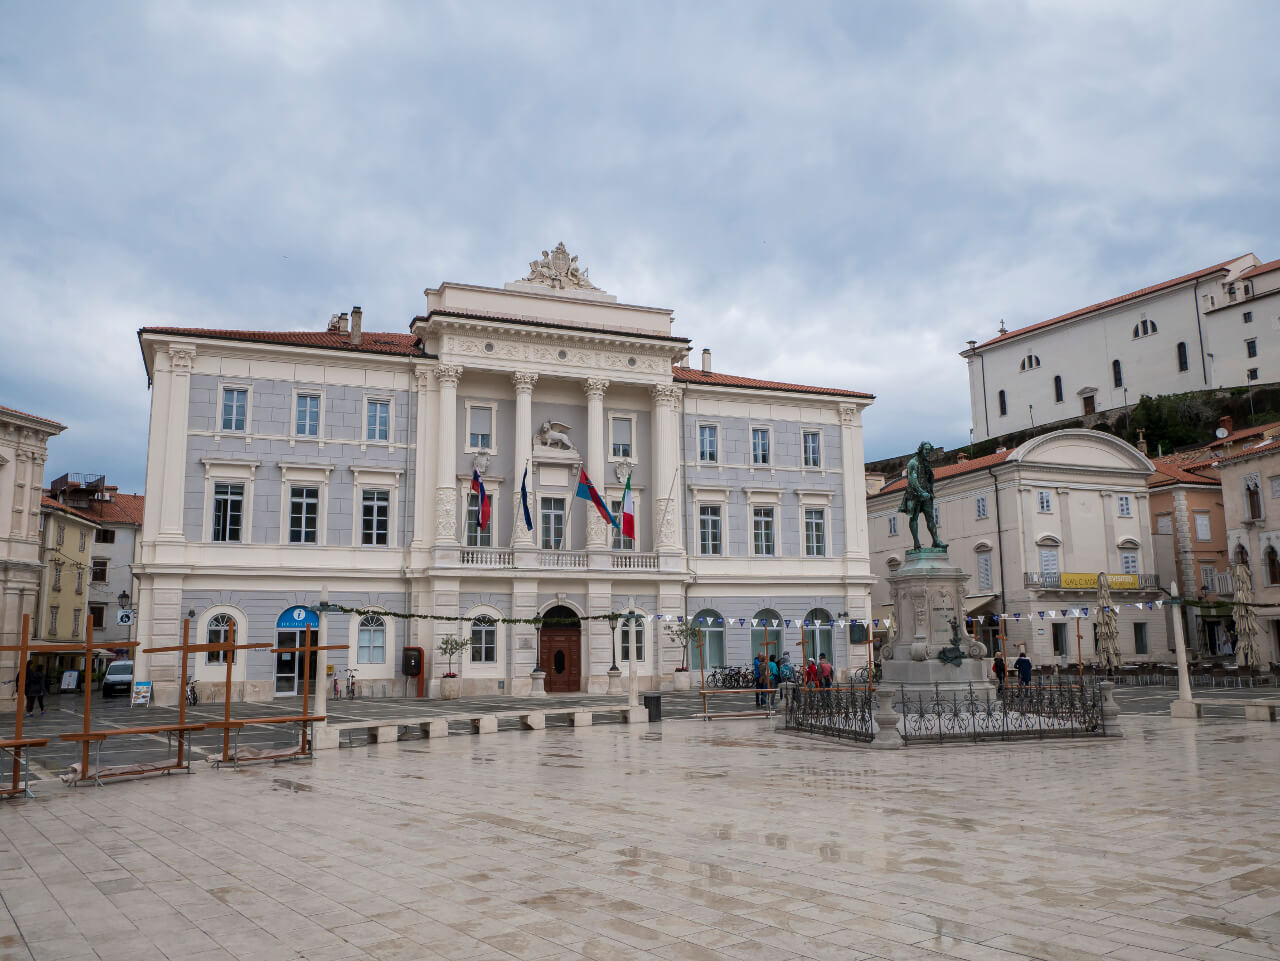 Co warto zobaczyć w Słowenii - Pomnik Tartiniego i miejski ratusz w Piranie